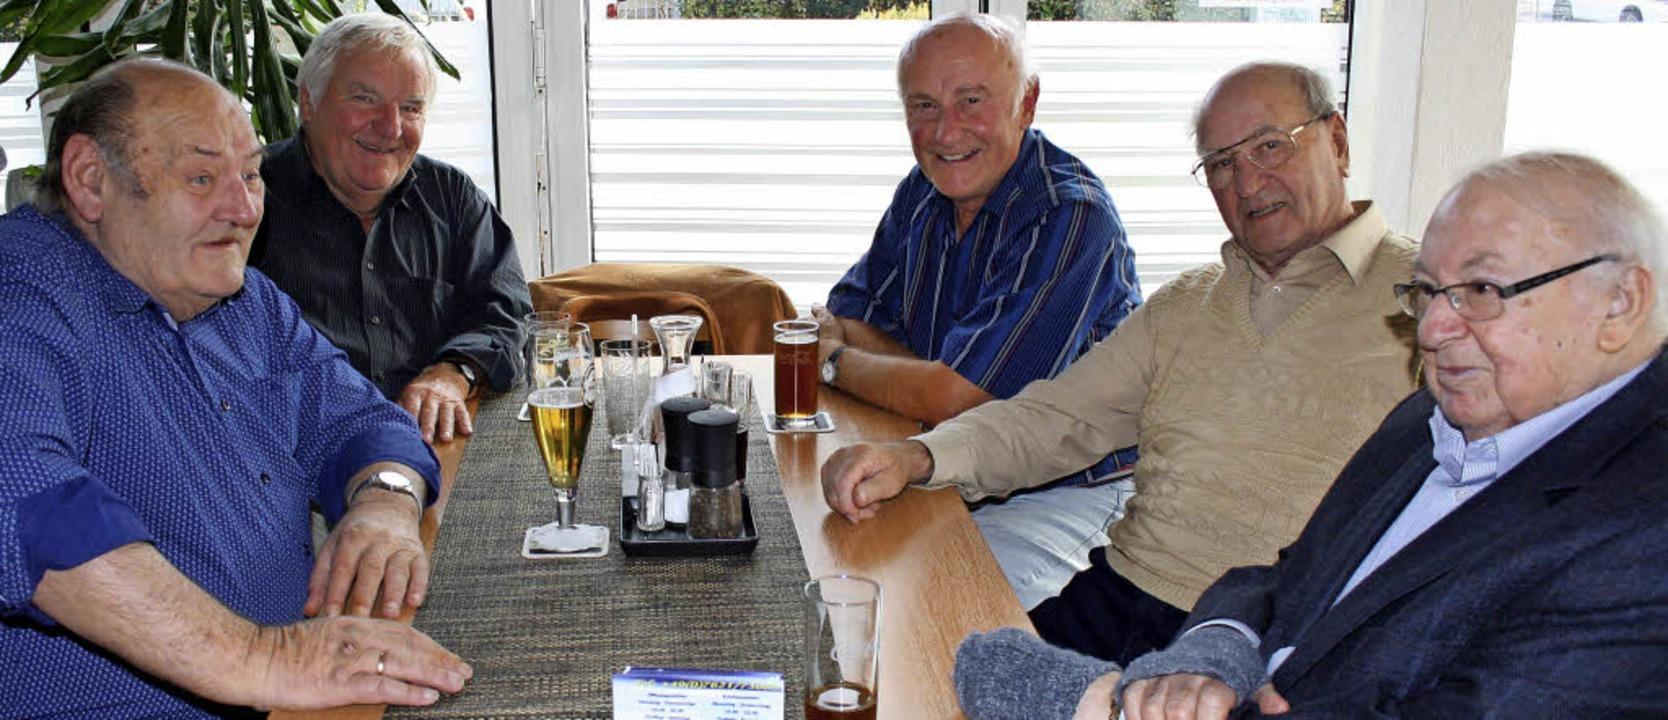 Der Stammtisch der Eisenbahner mit Gründer Heinz Schleyer vorne rechts.     Foto: Weniger